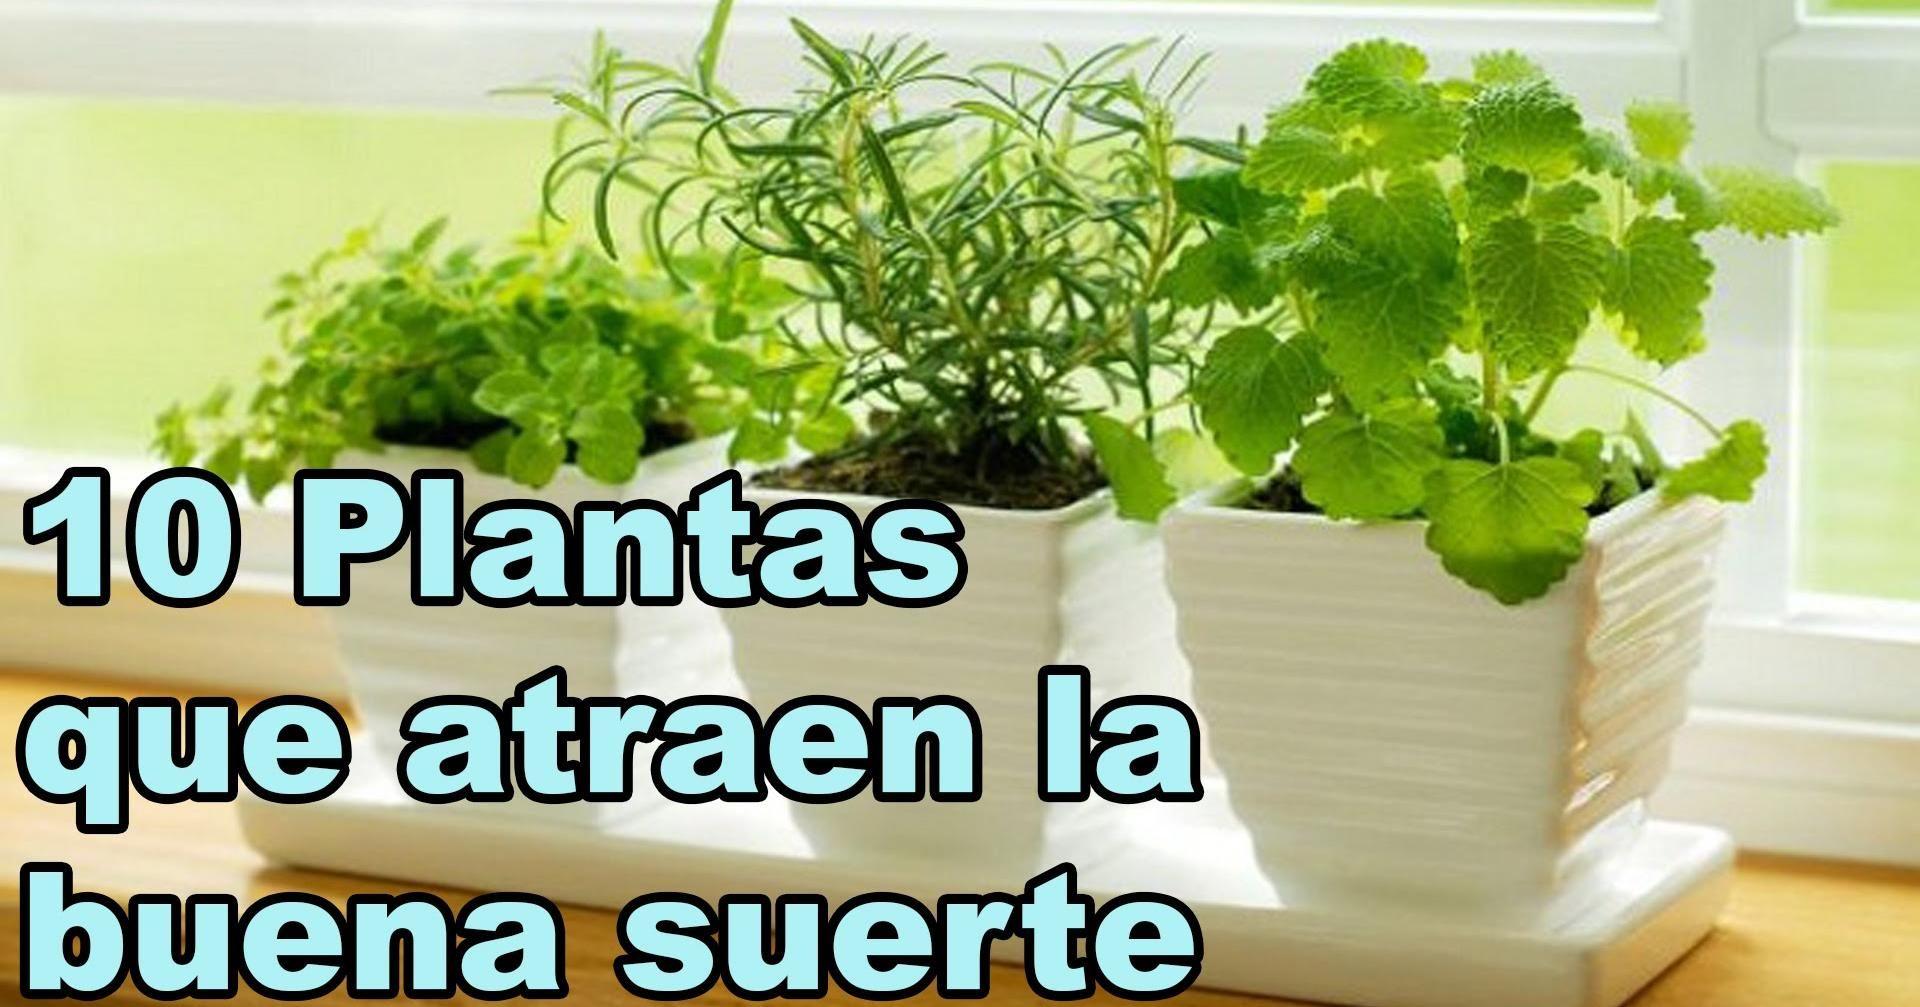 Las plantas que dan buena suerte son buena suerte - Remedios para la mala suerte ...